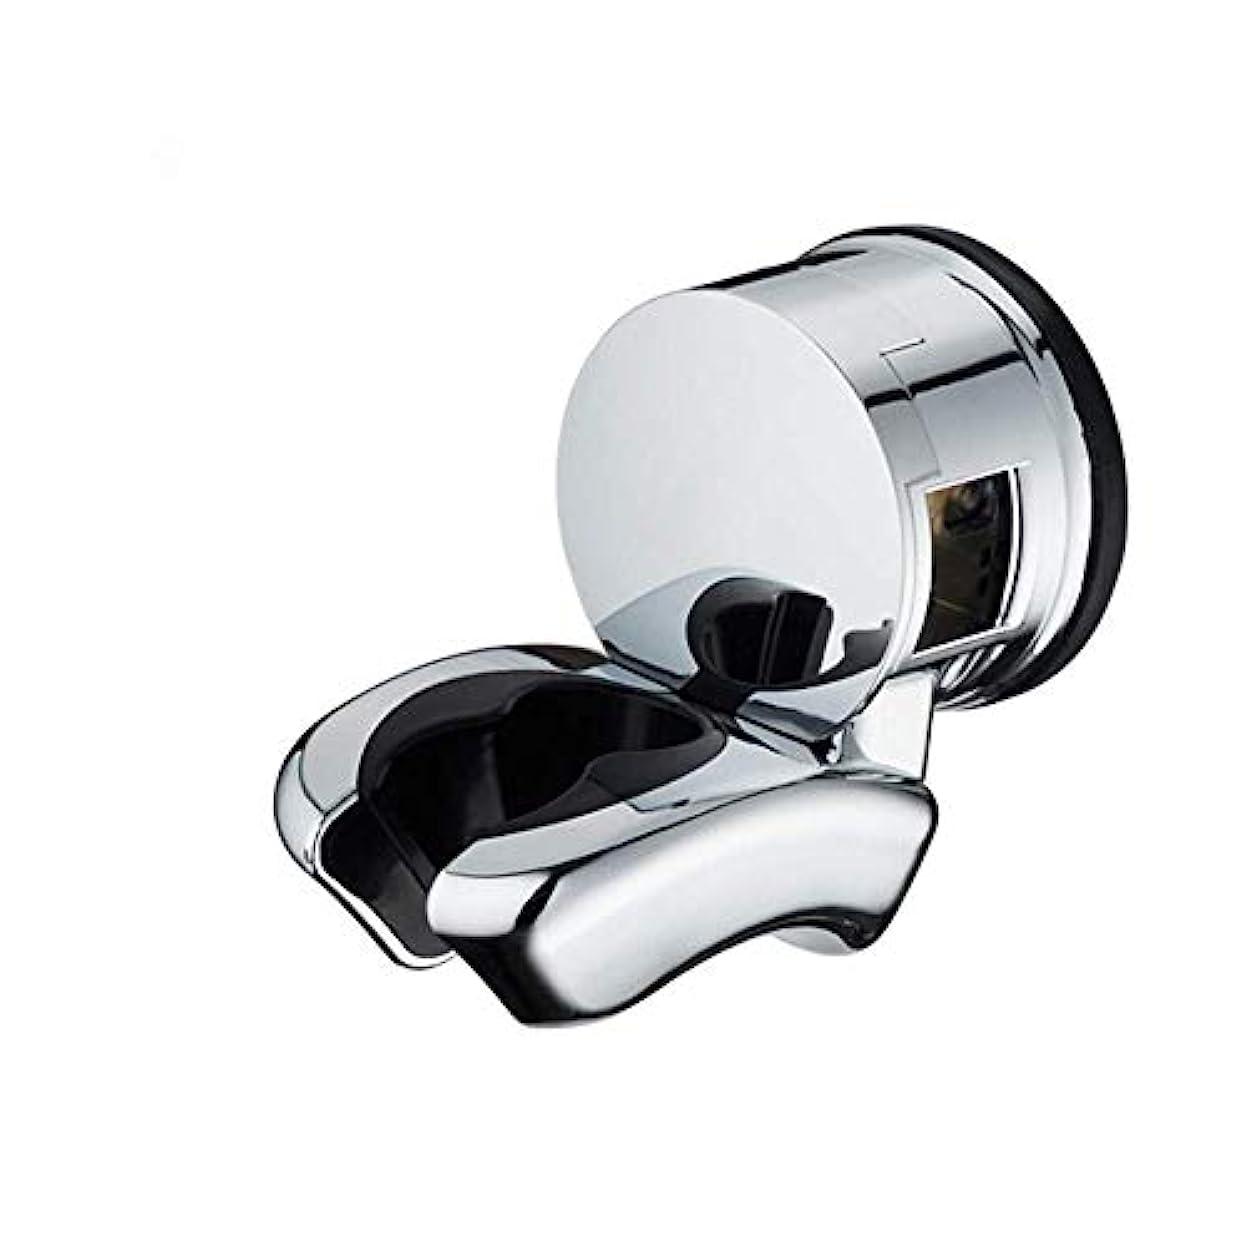 Flymylion 吸盤式シャワーフック 壁を傷つけない 真空吸盤仕様 移動できる シルバーメッキ 穴あけ&ネジ止め不要 取り付け簡単 (A)